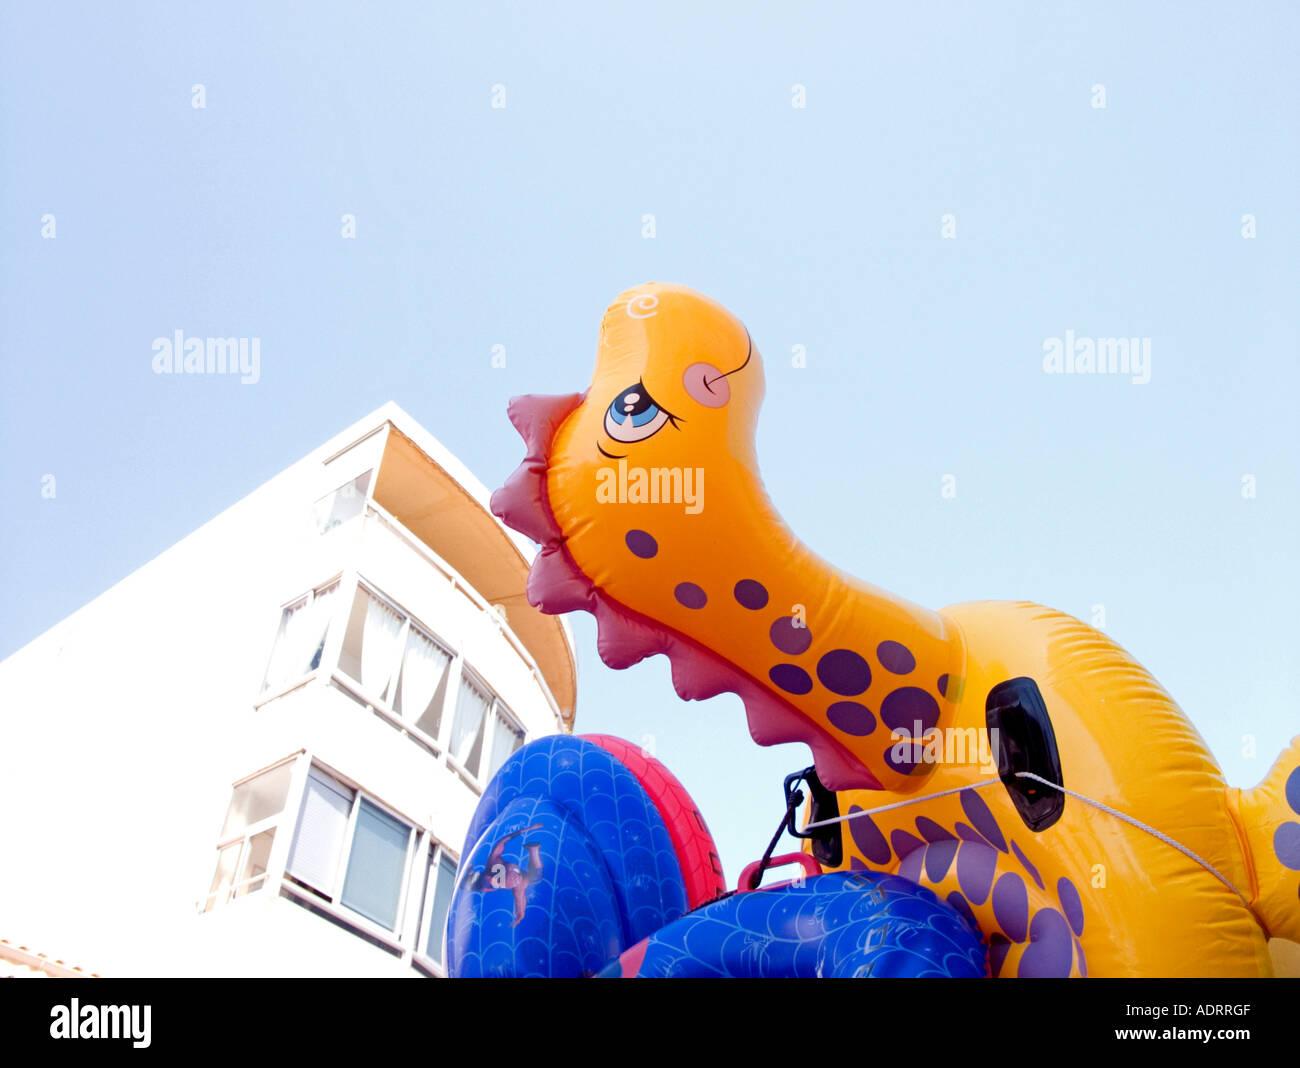 eine aufblasbares Spielzeug Gelb und orange Drache sieht Skywards mit Wohnungen im Hintergrund Stockbild